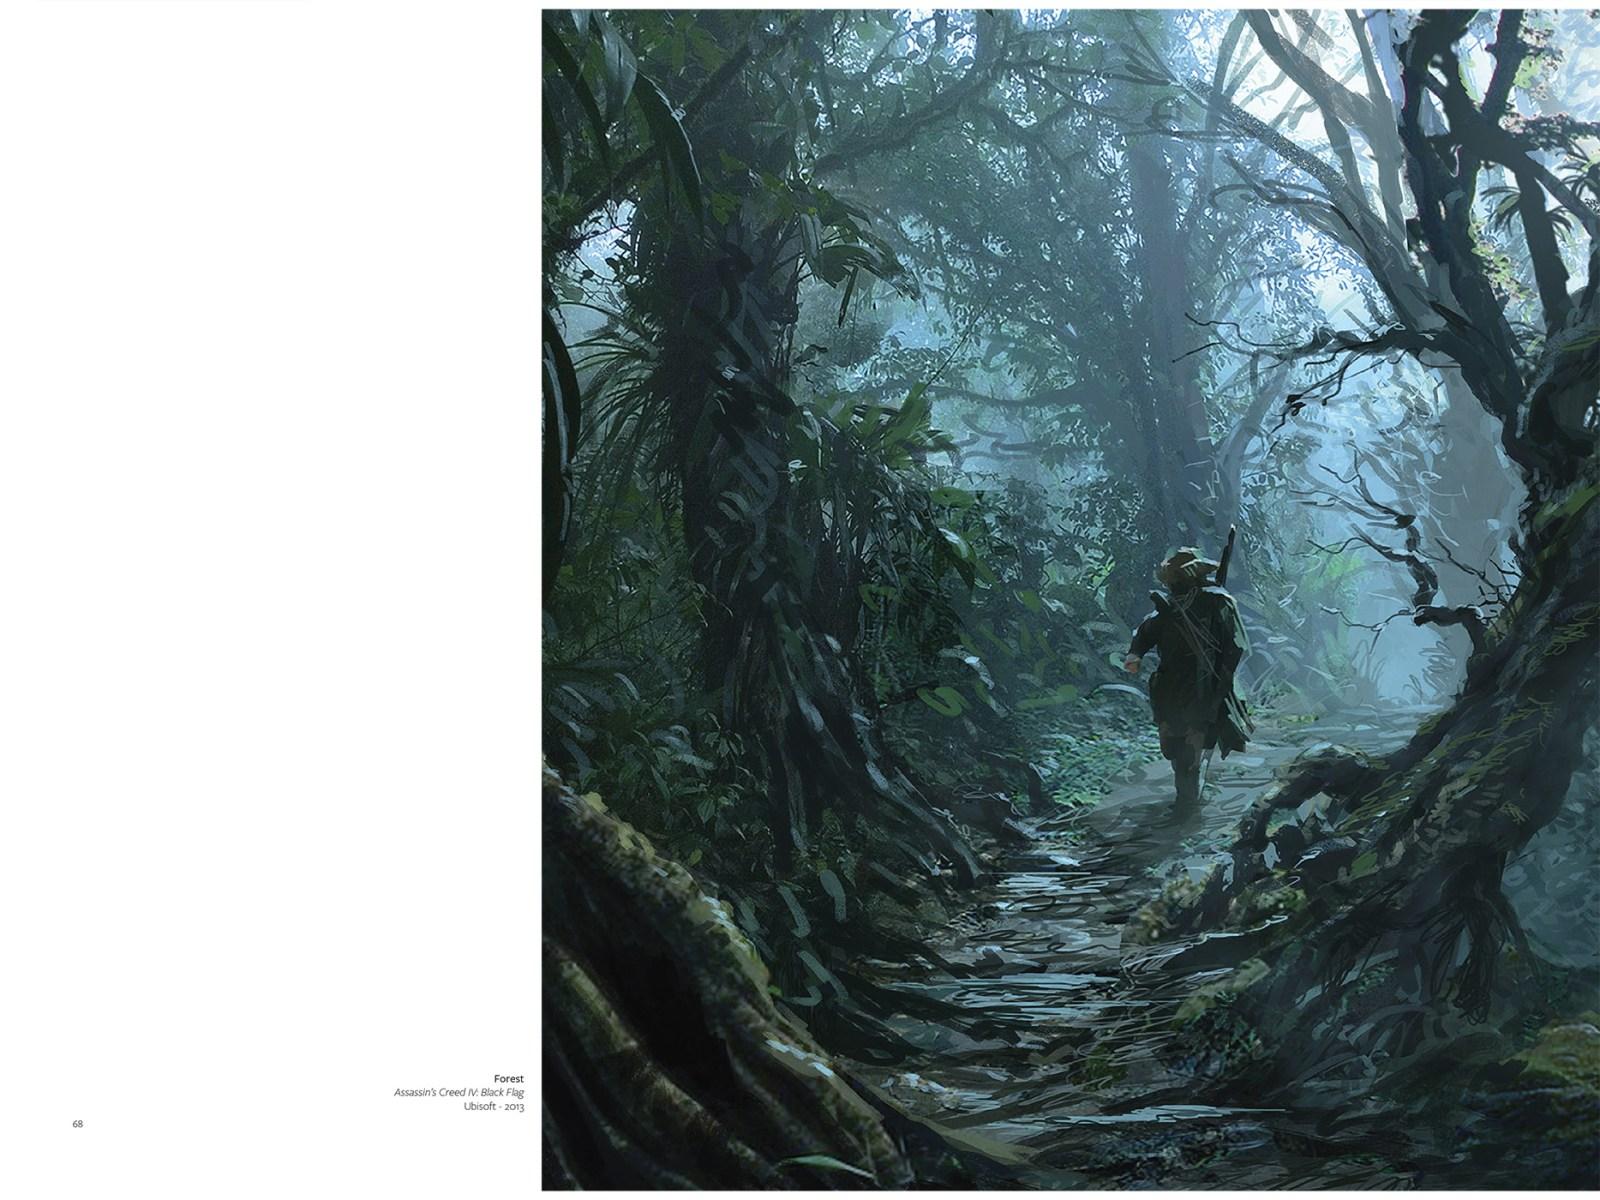 Peinture numérique d'un homme dans la forêt pluviale.